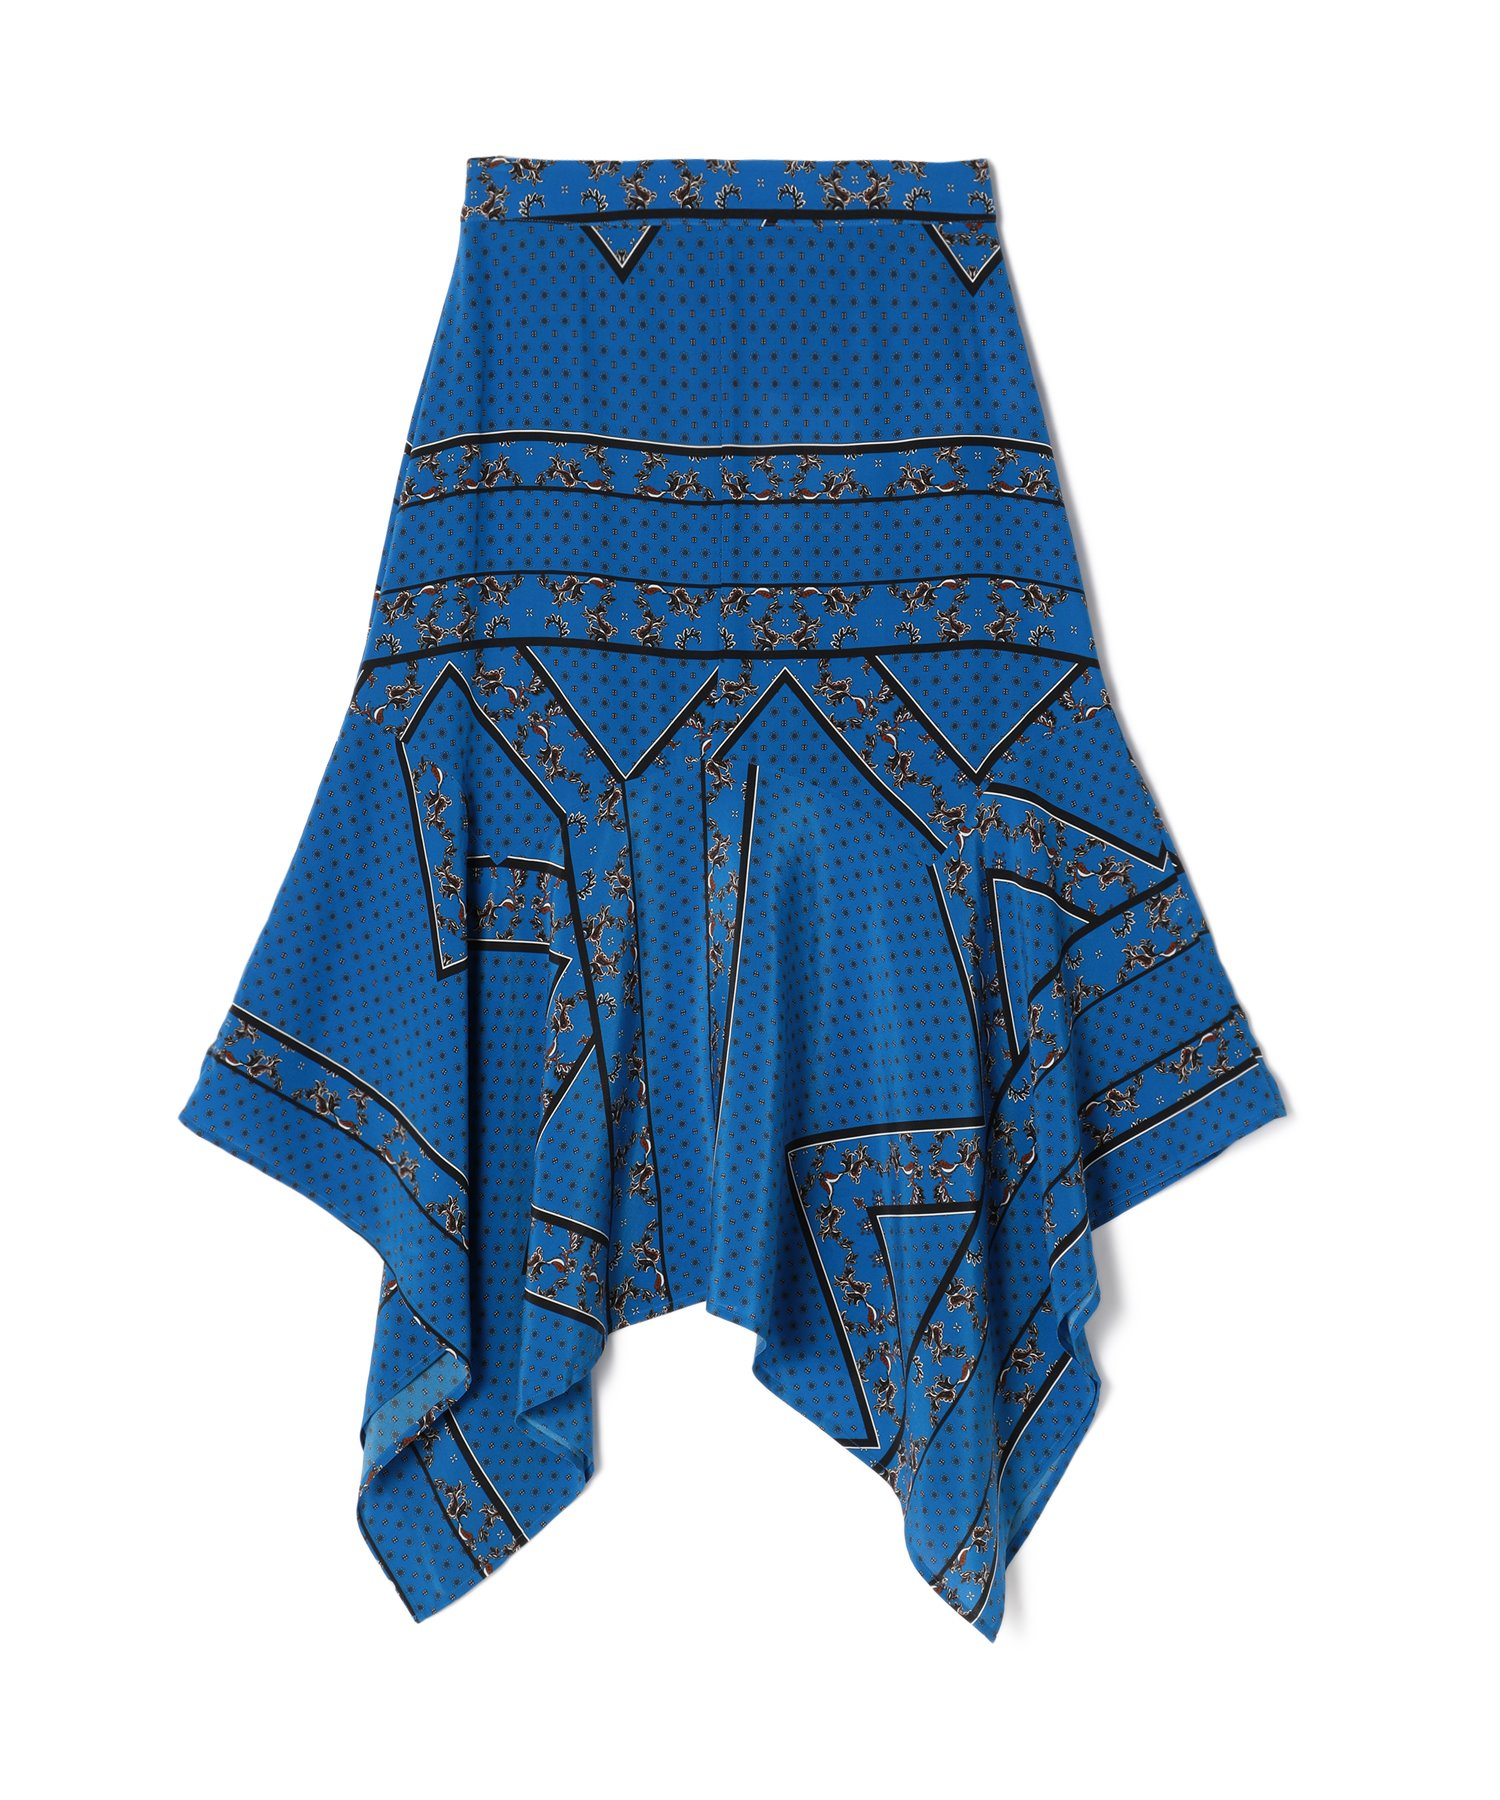 GANNI / バンダナプリントスカート